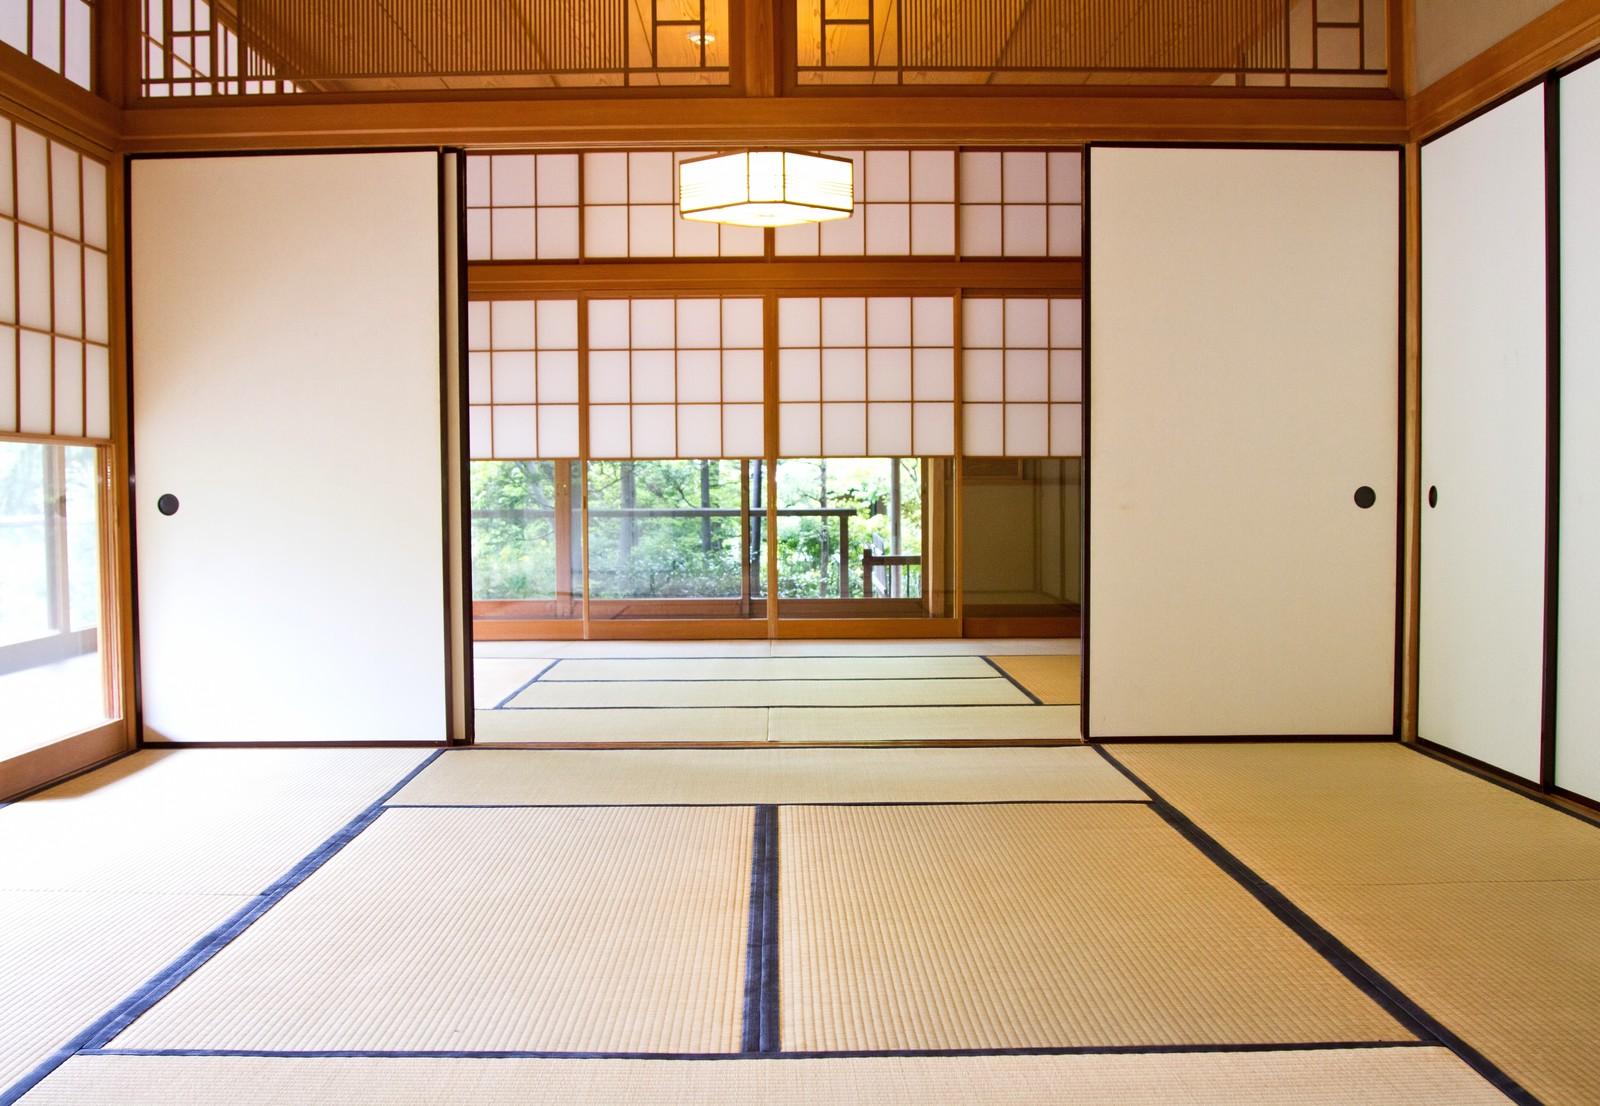 おしゃれな家具が見つからない?和室におすすめの家具&インテリアのサムネイル画像